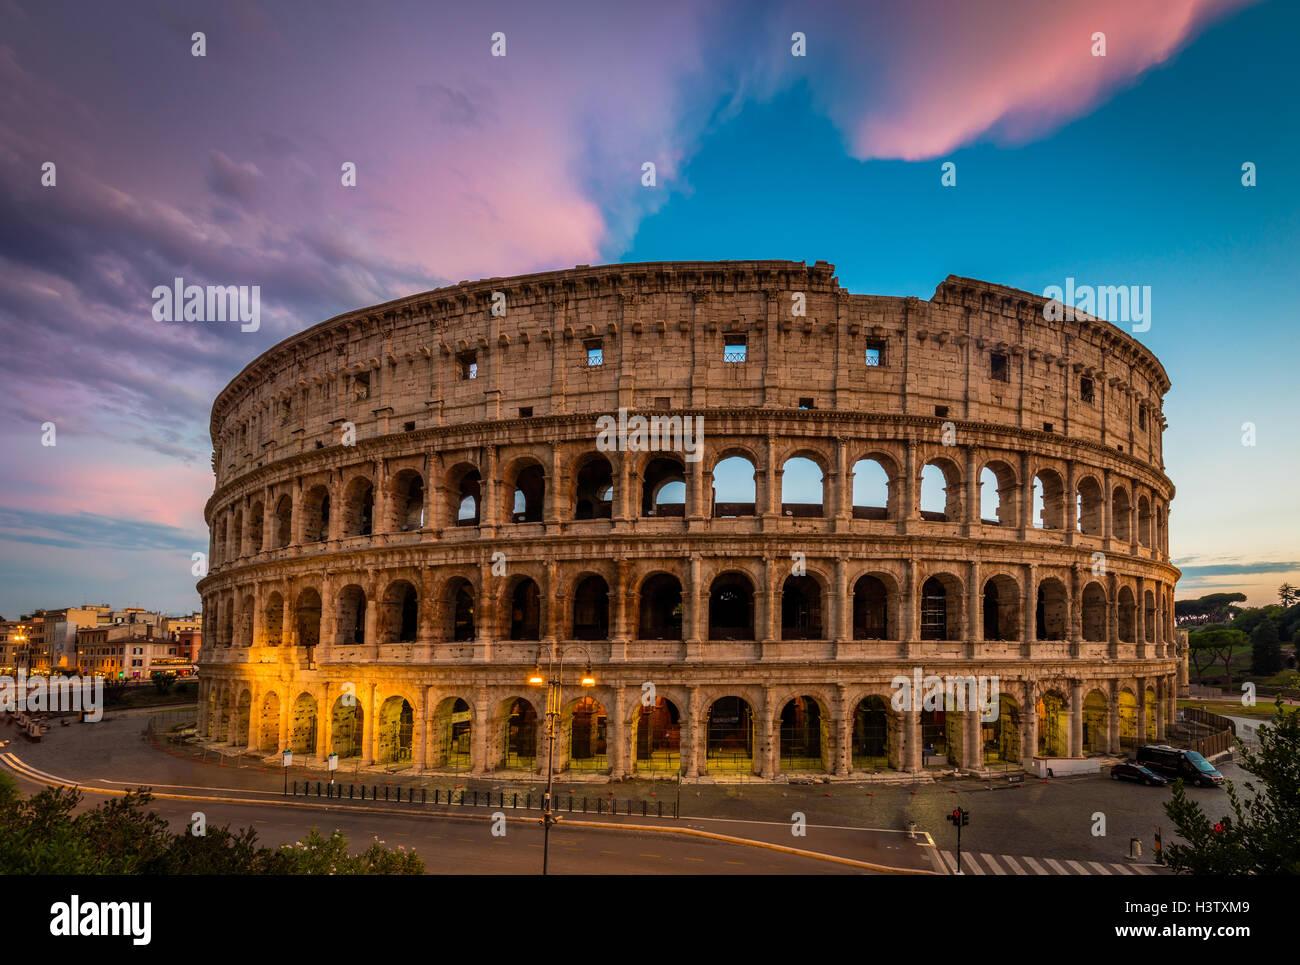 Le Colisée, le plus grand amphithéâtre dans le monde, est un amphithéâtre elliptique dans le centre de la ville de Rome, Italie Banque D'Images